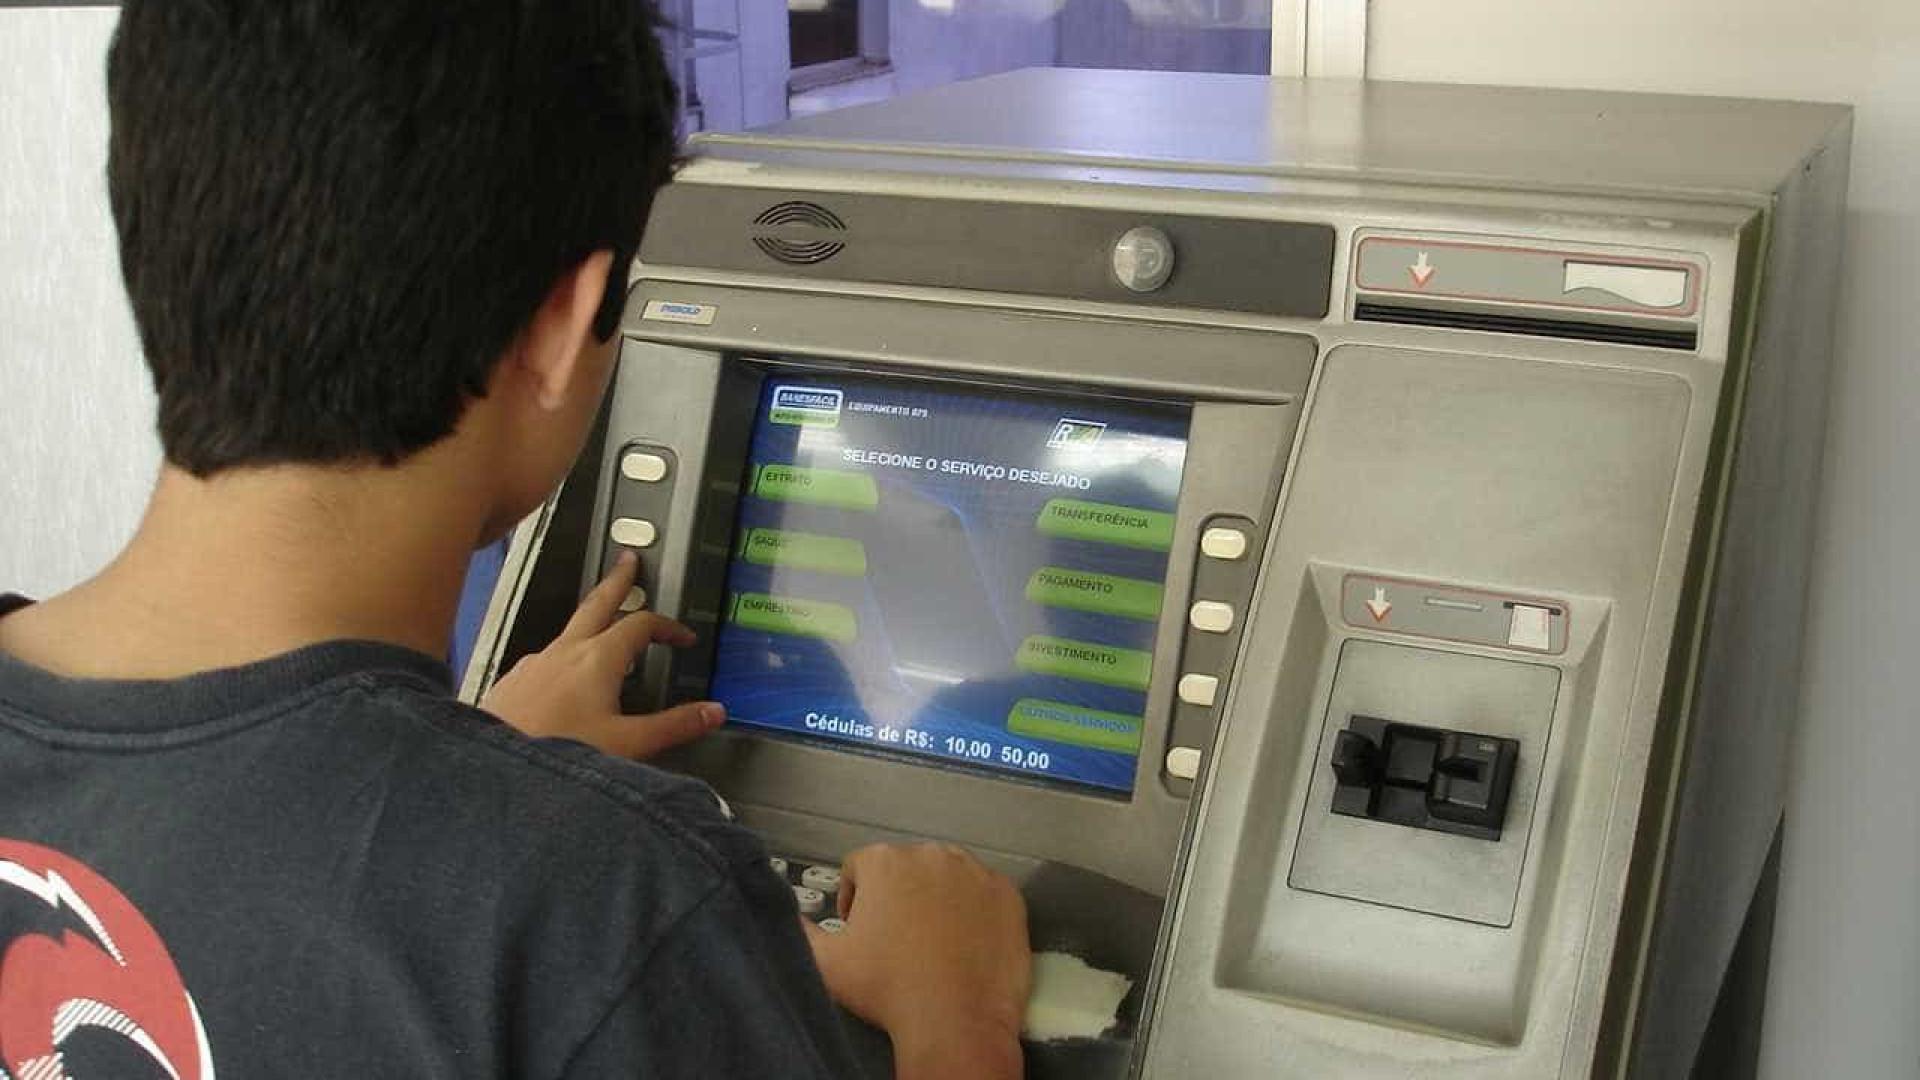 Operação desarticula grupos que roubavam caixas eletrônicos no Rio